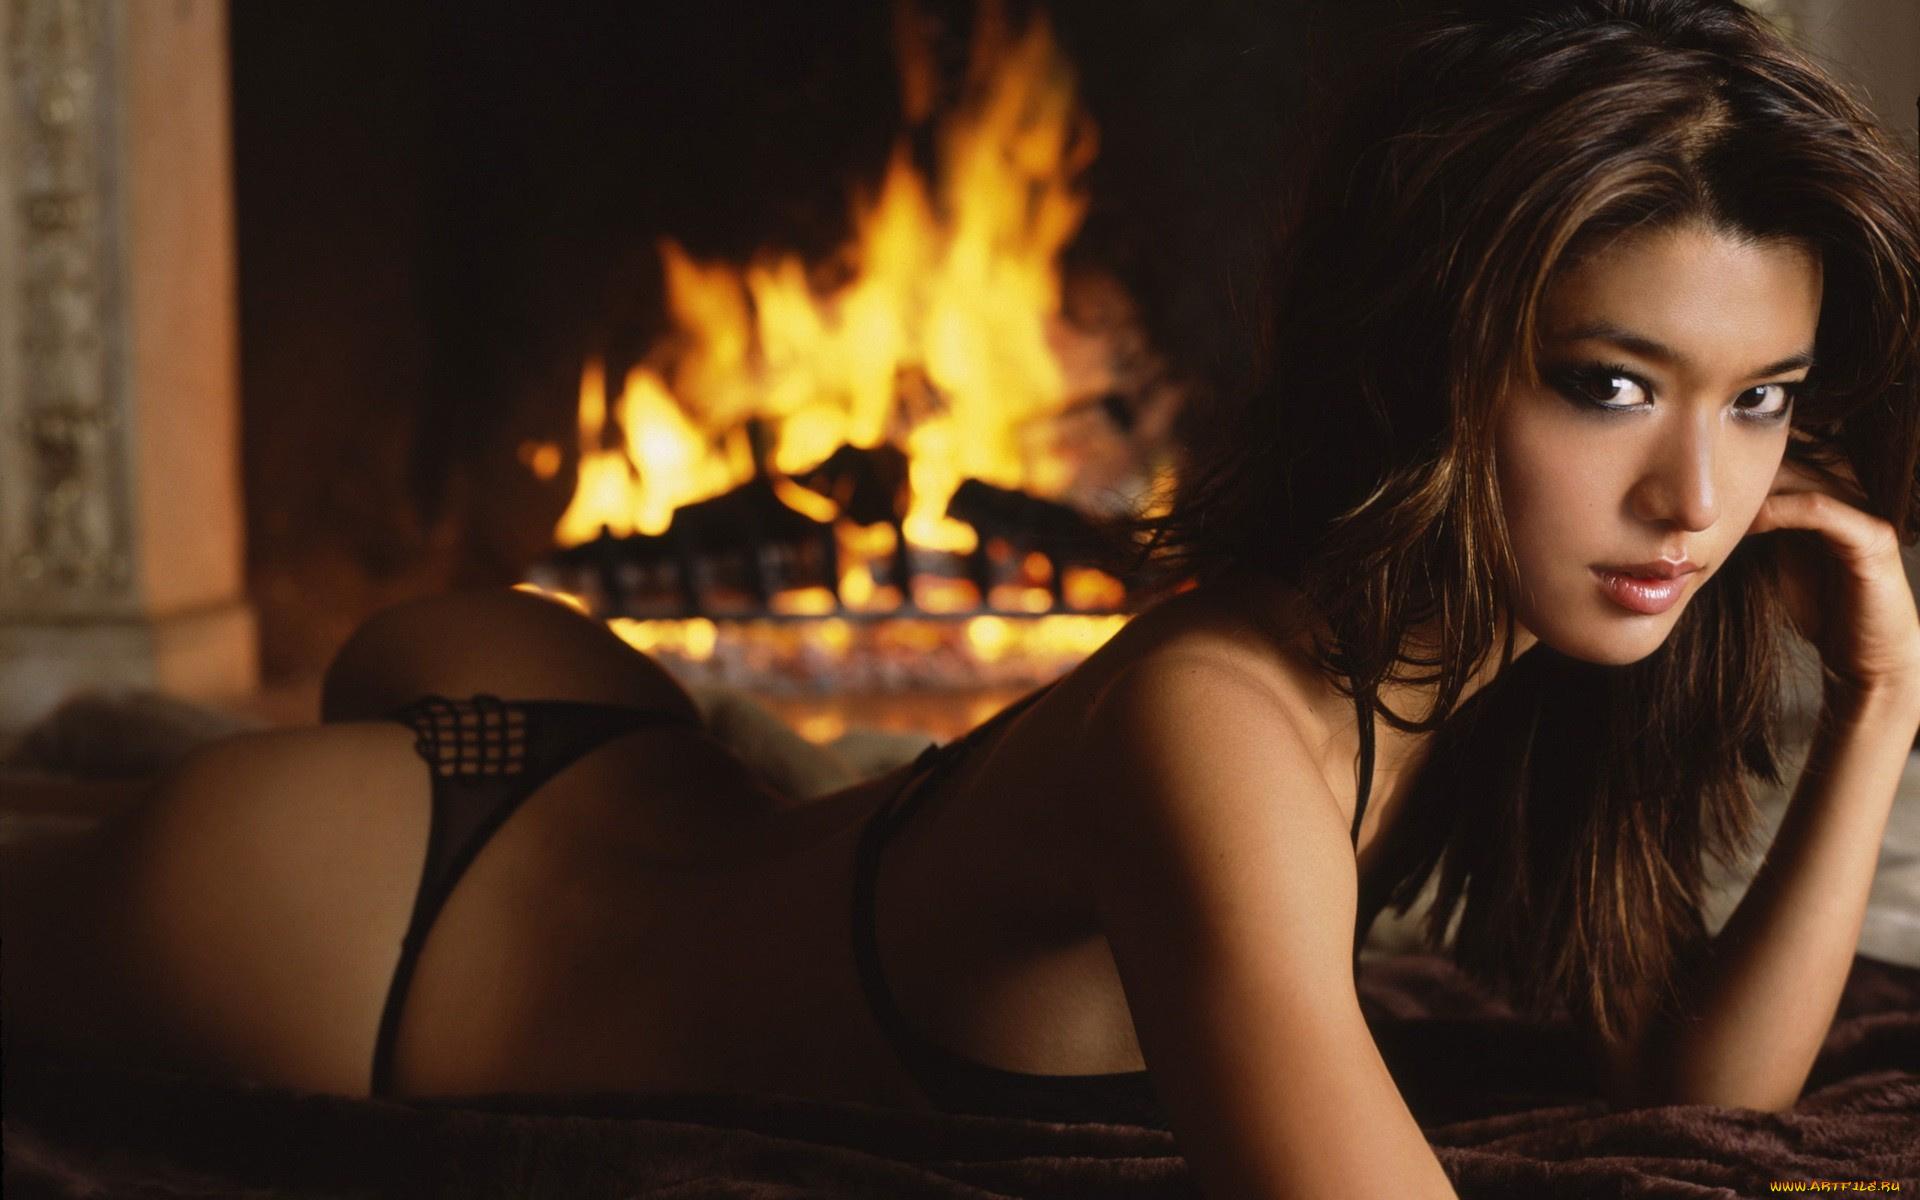 самые красивые откровенные видео с девушками онлайн как